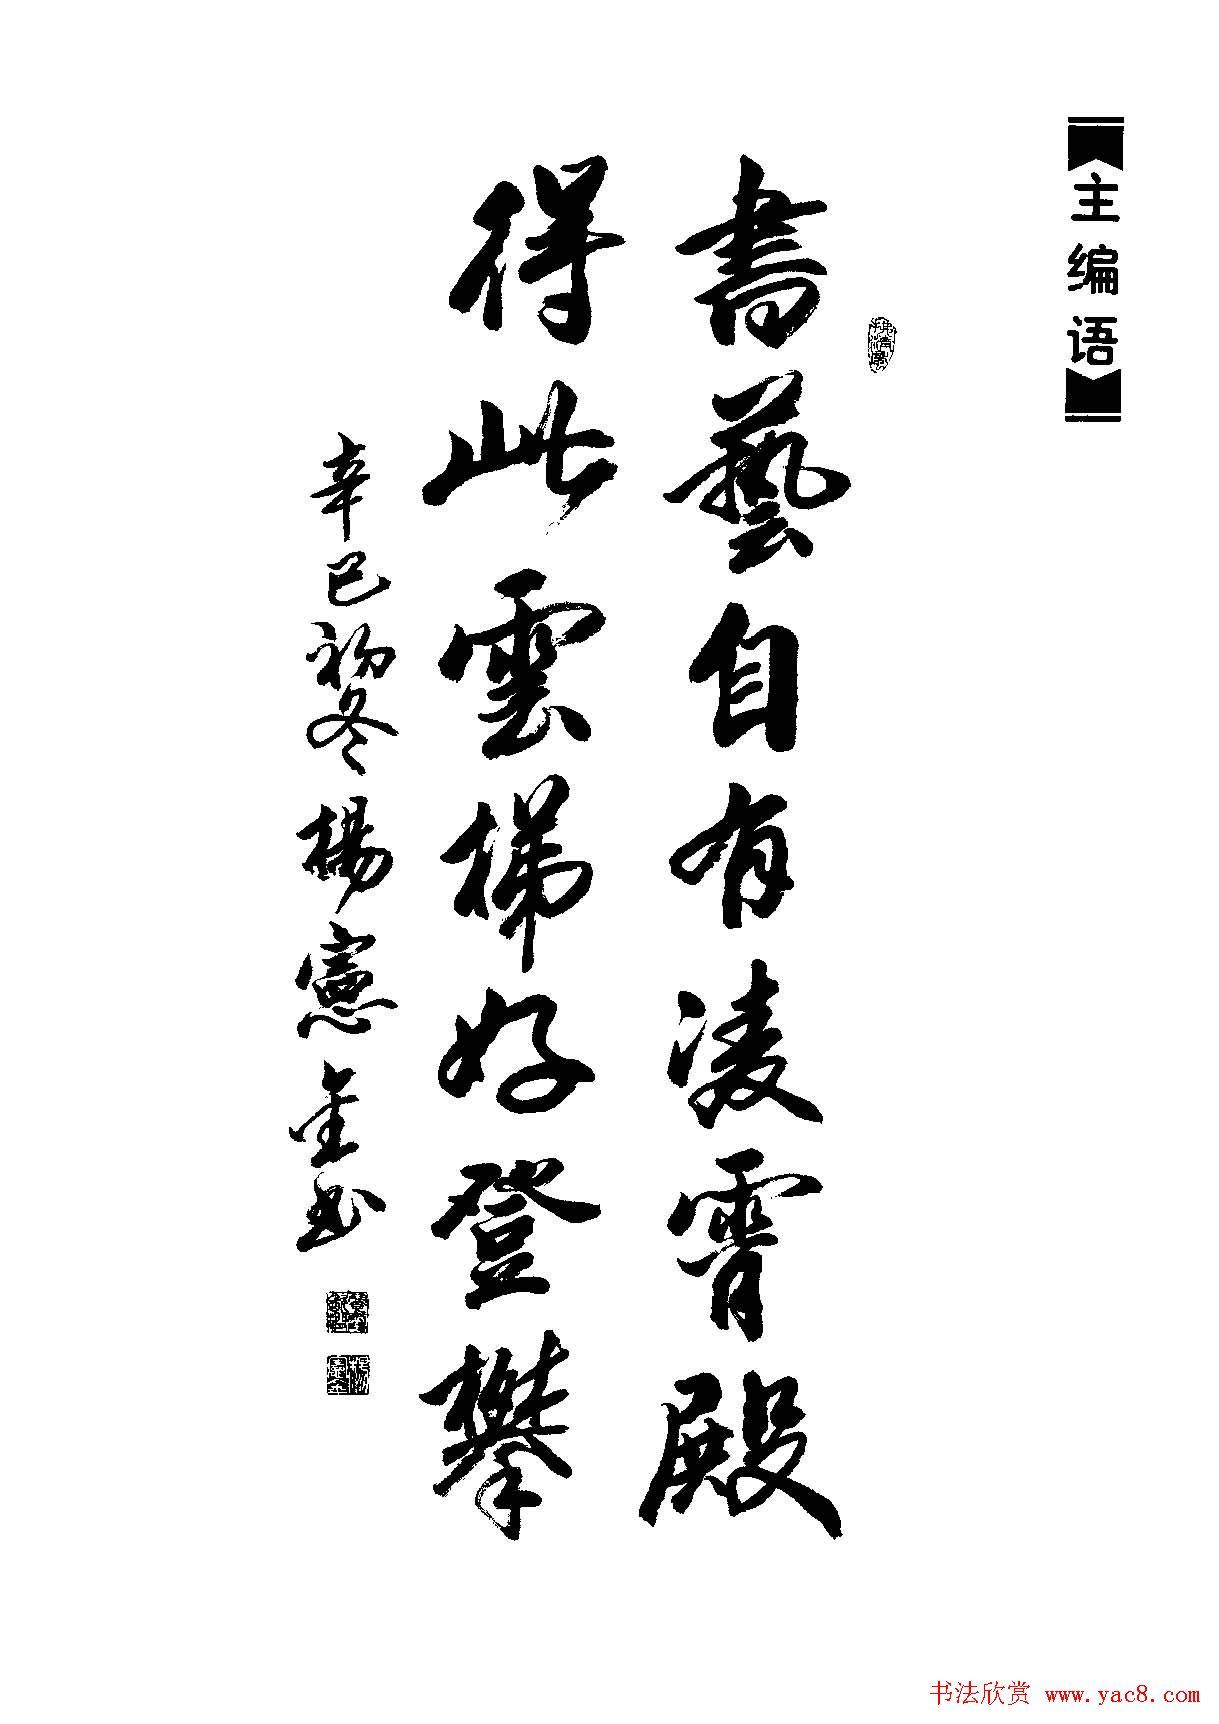 张永明书法字帖 篆书格言50例 第2页 篆书字帖 书法欣赏